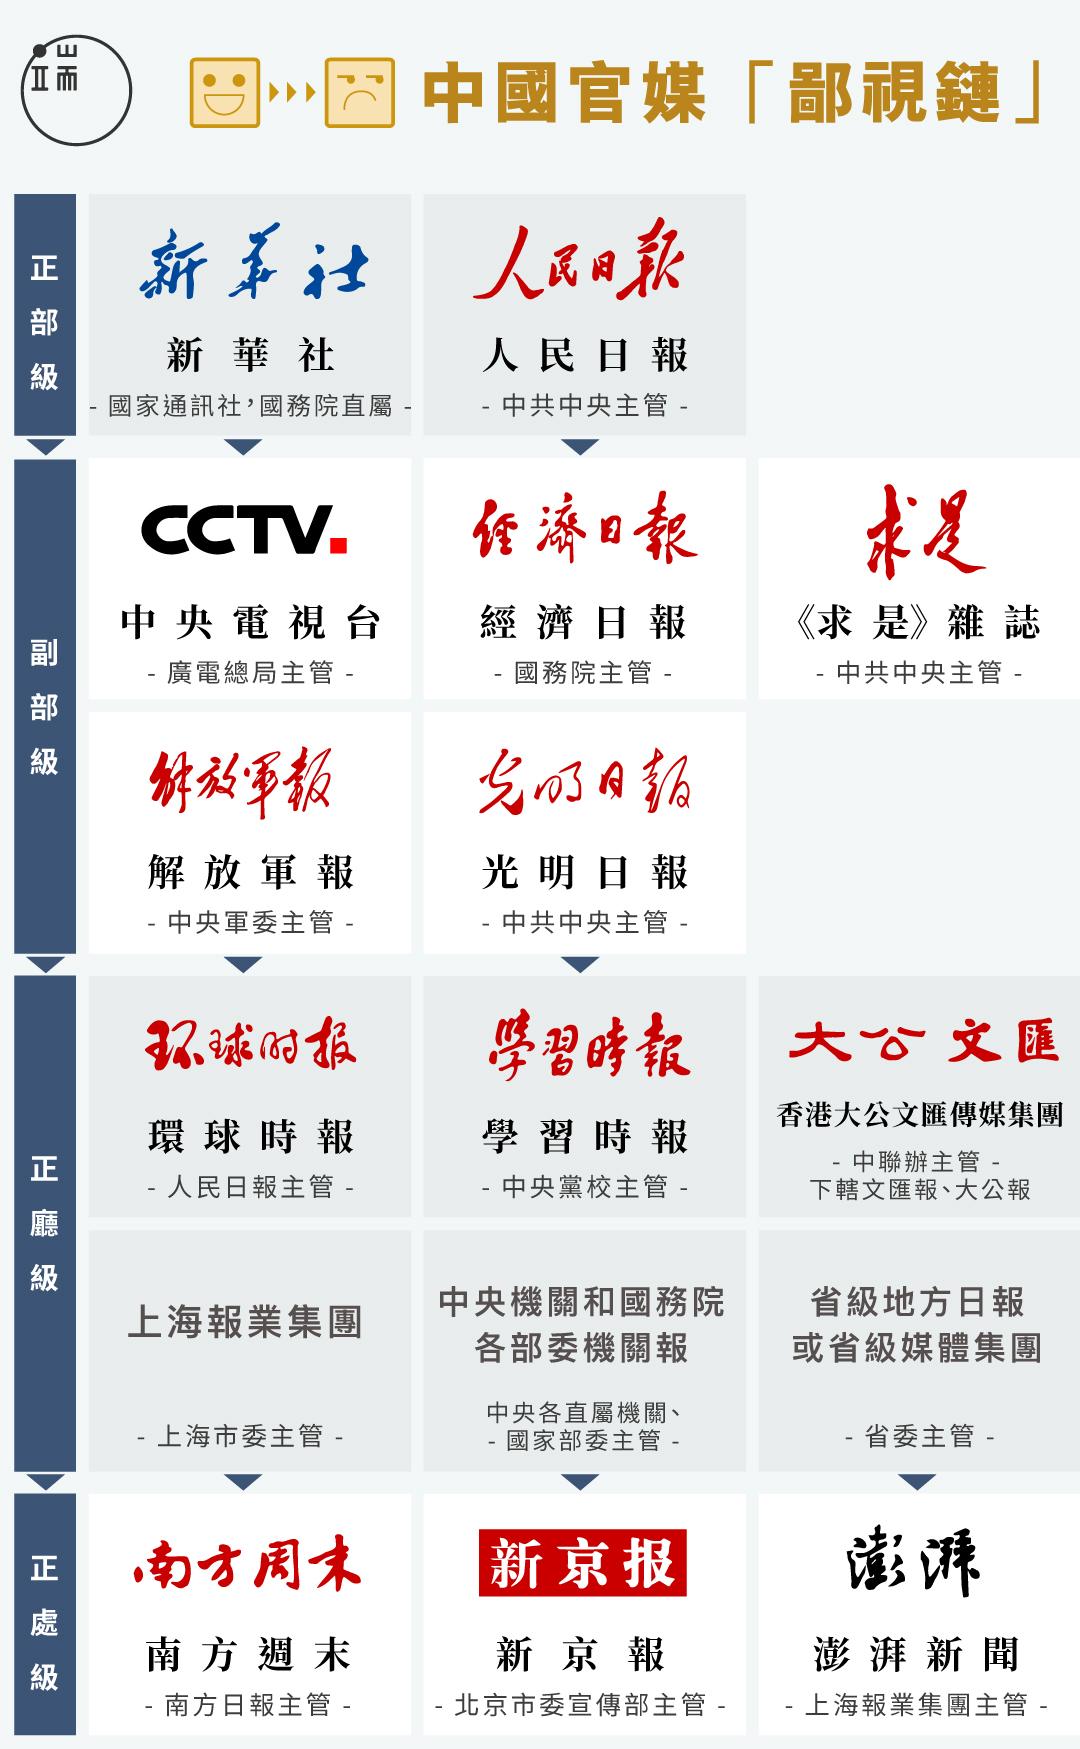 中國官媒「鄙視鏈」。